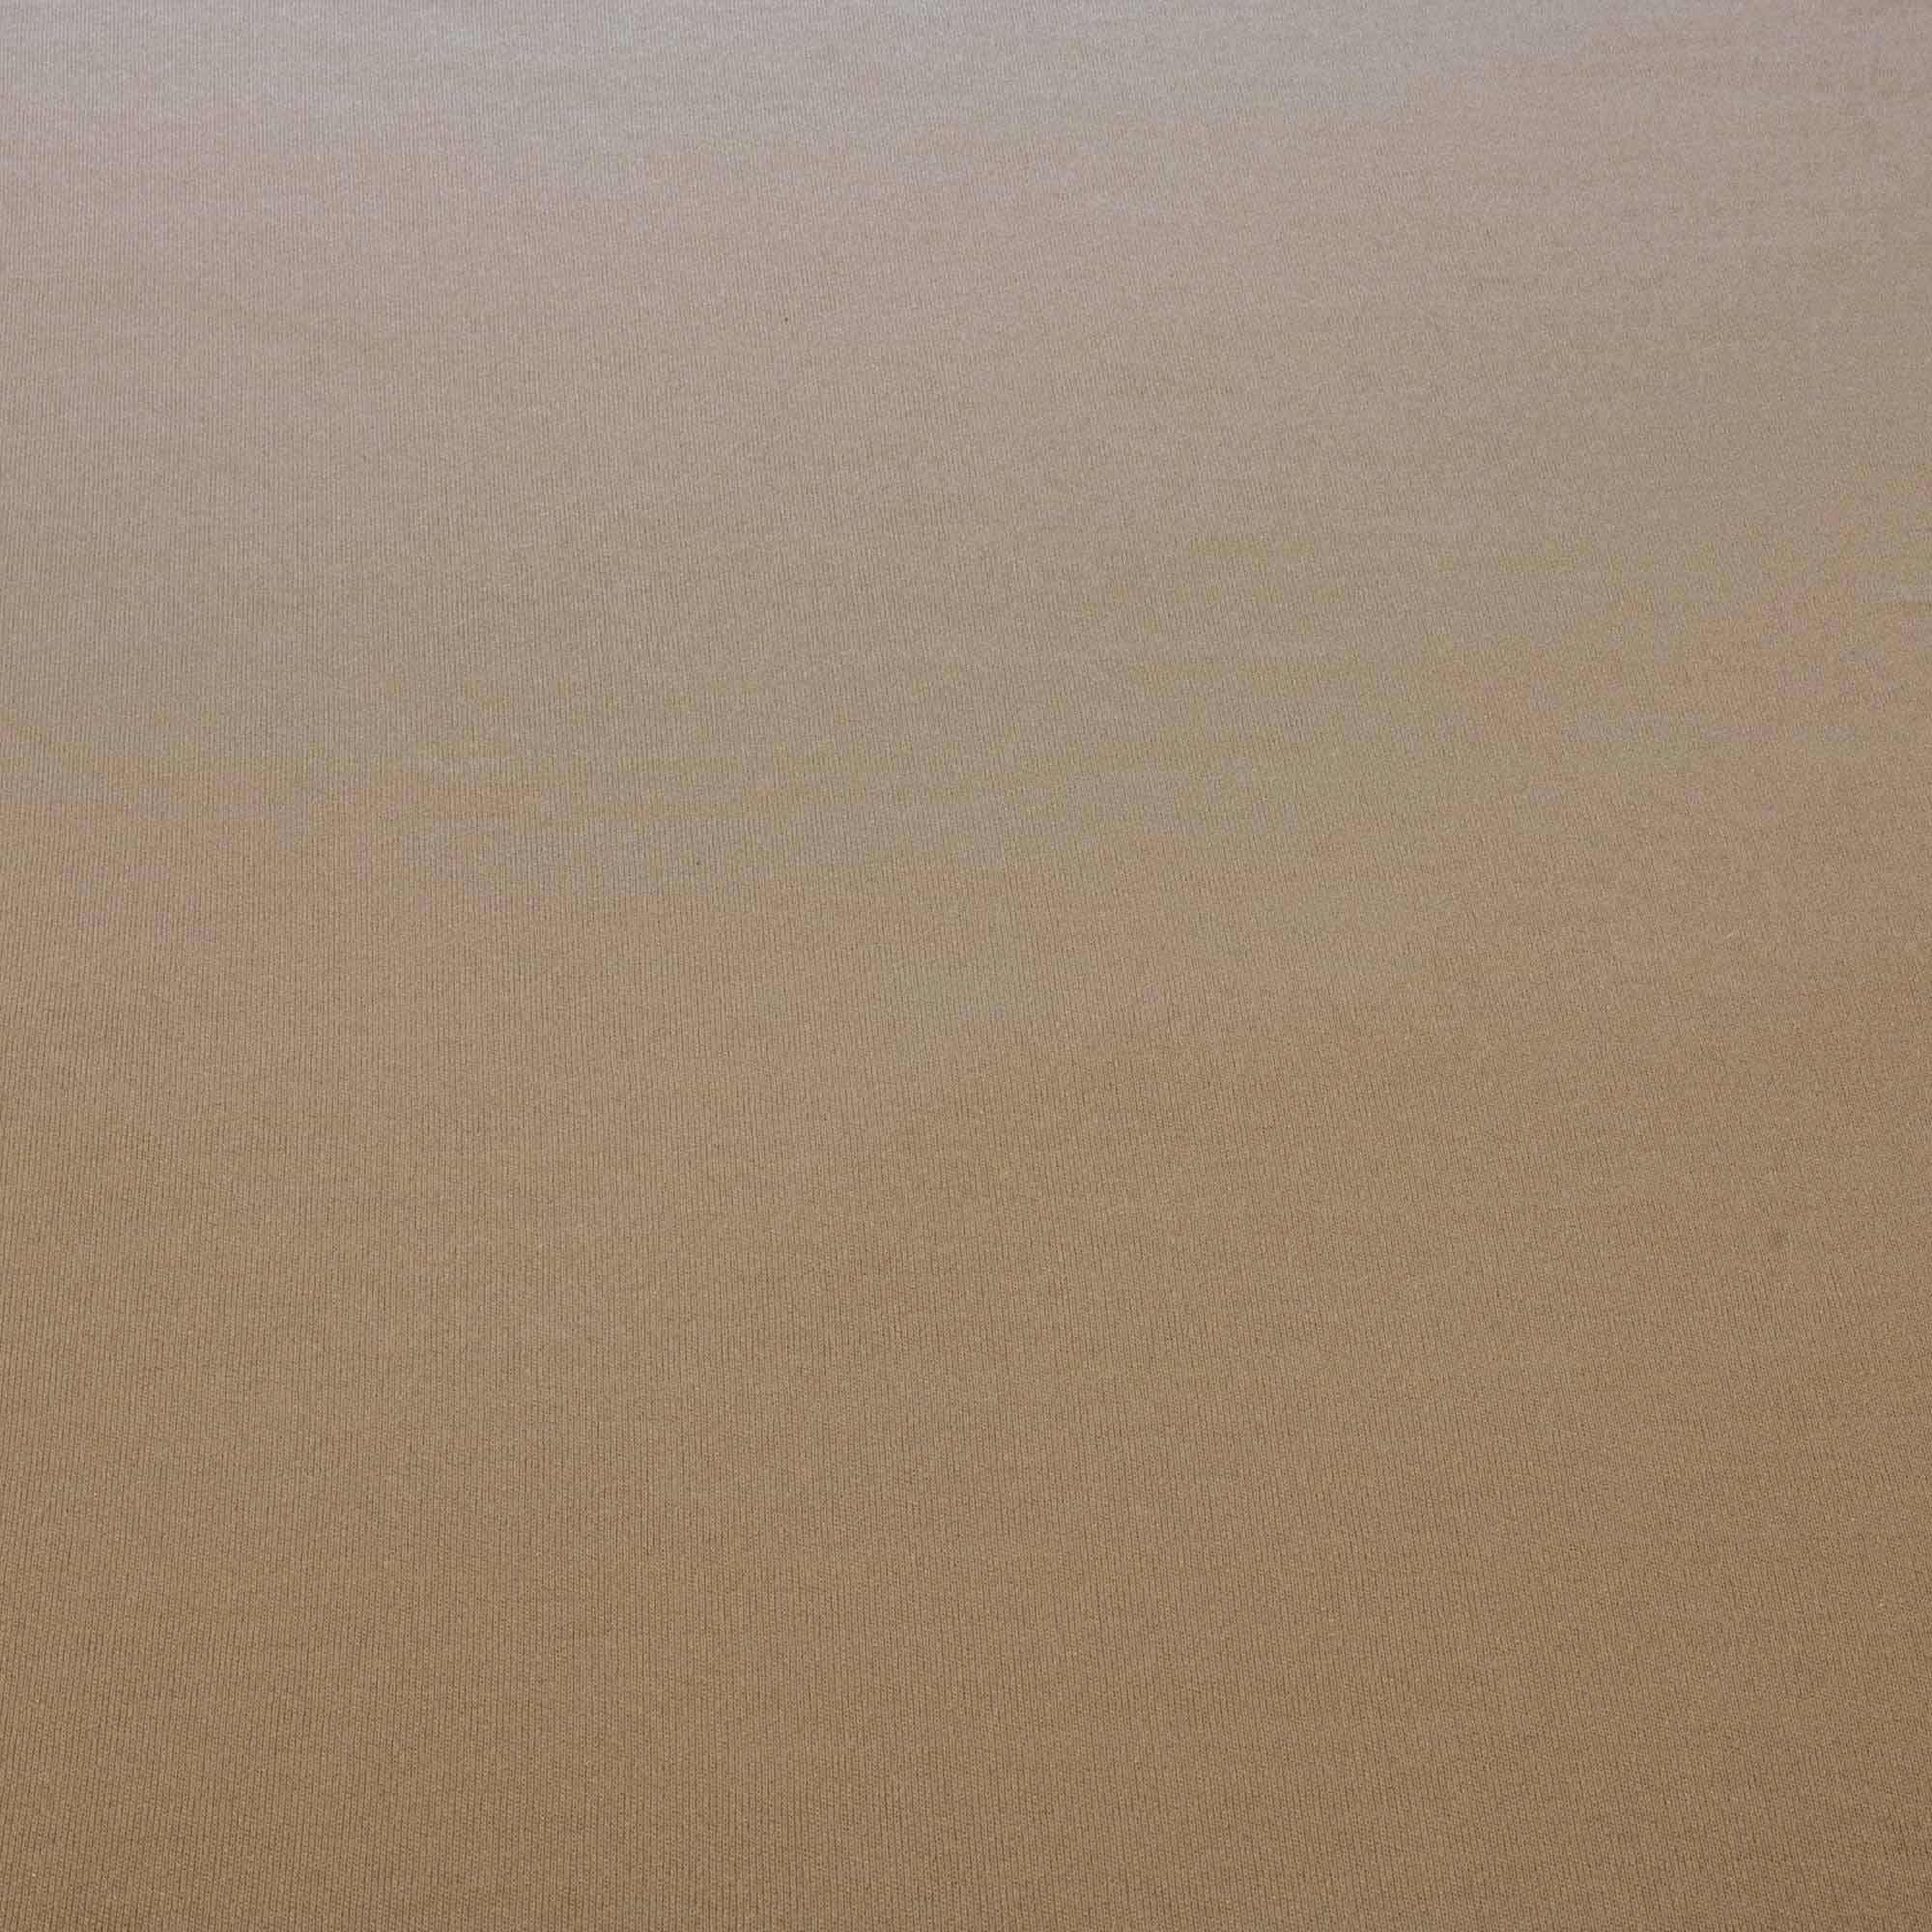 Tecido Malha Helanca Light Castor 100% Poliester 1,80 m Largura